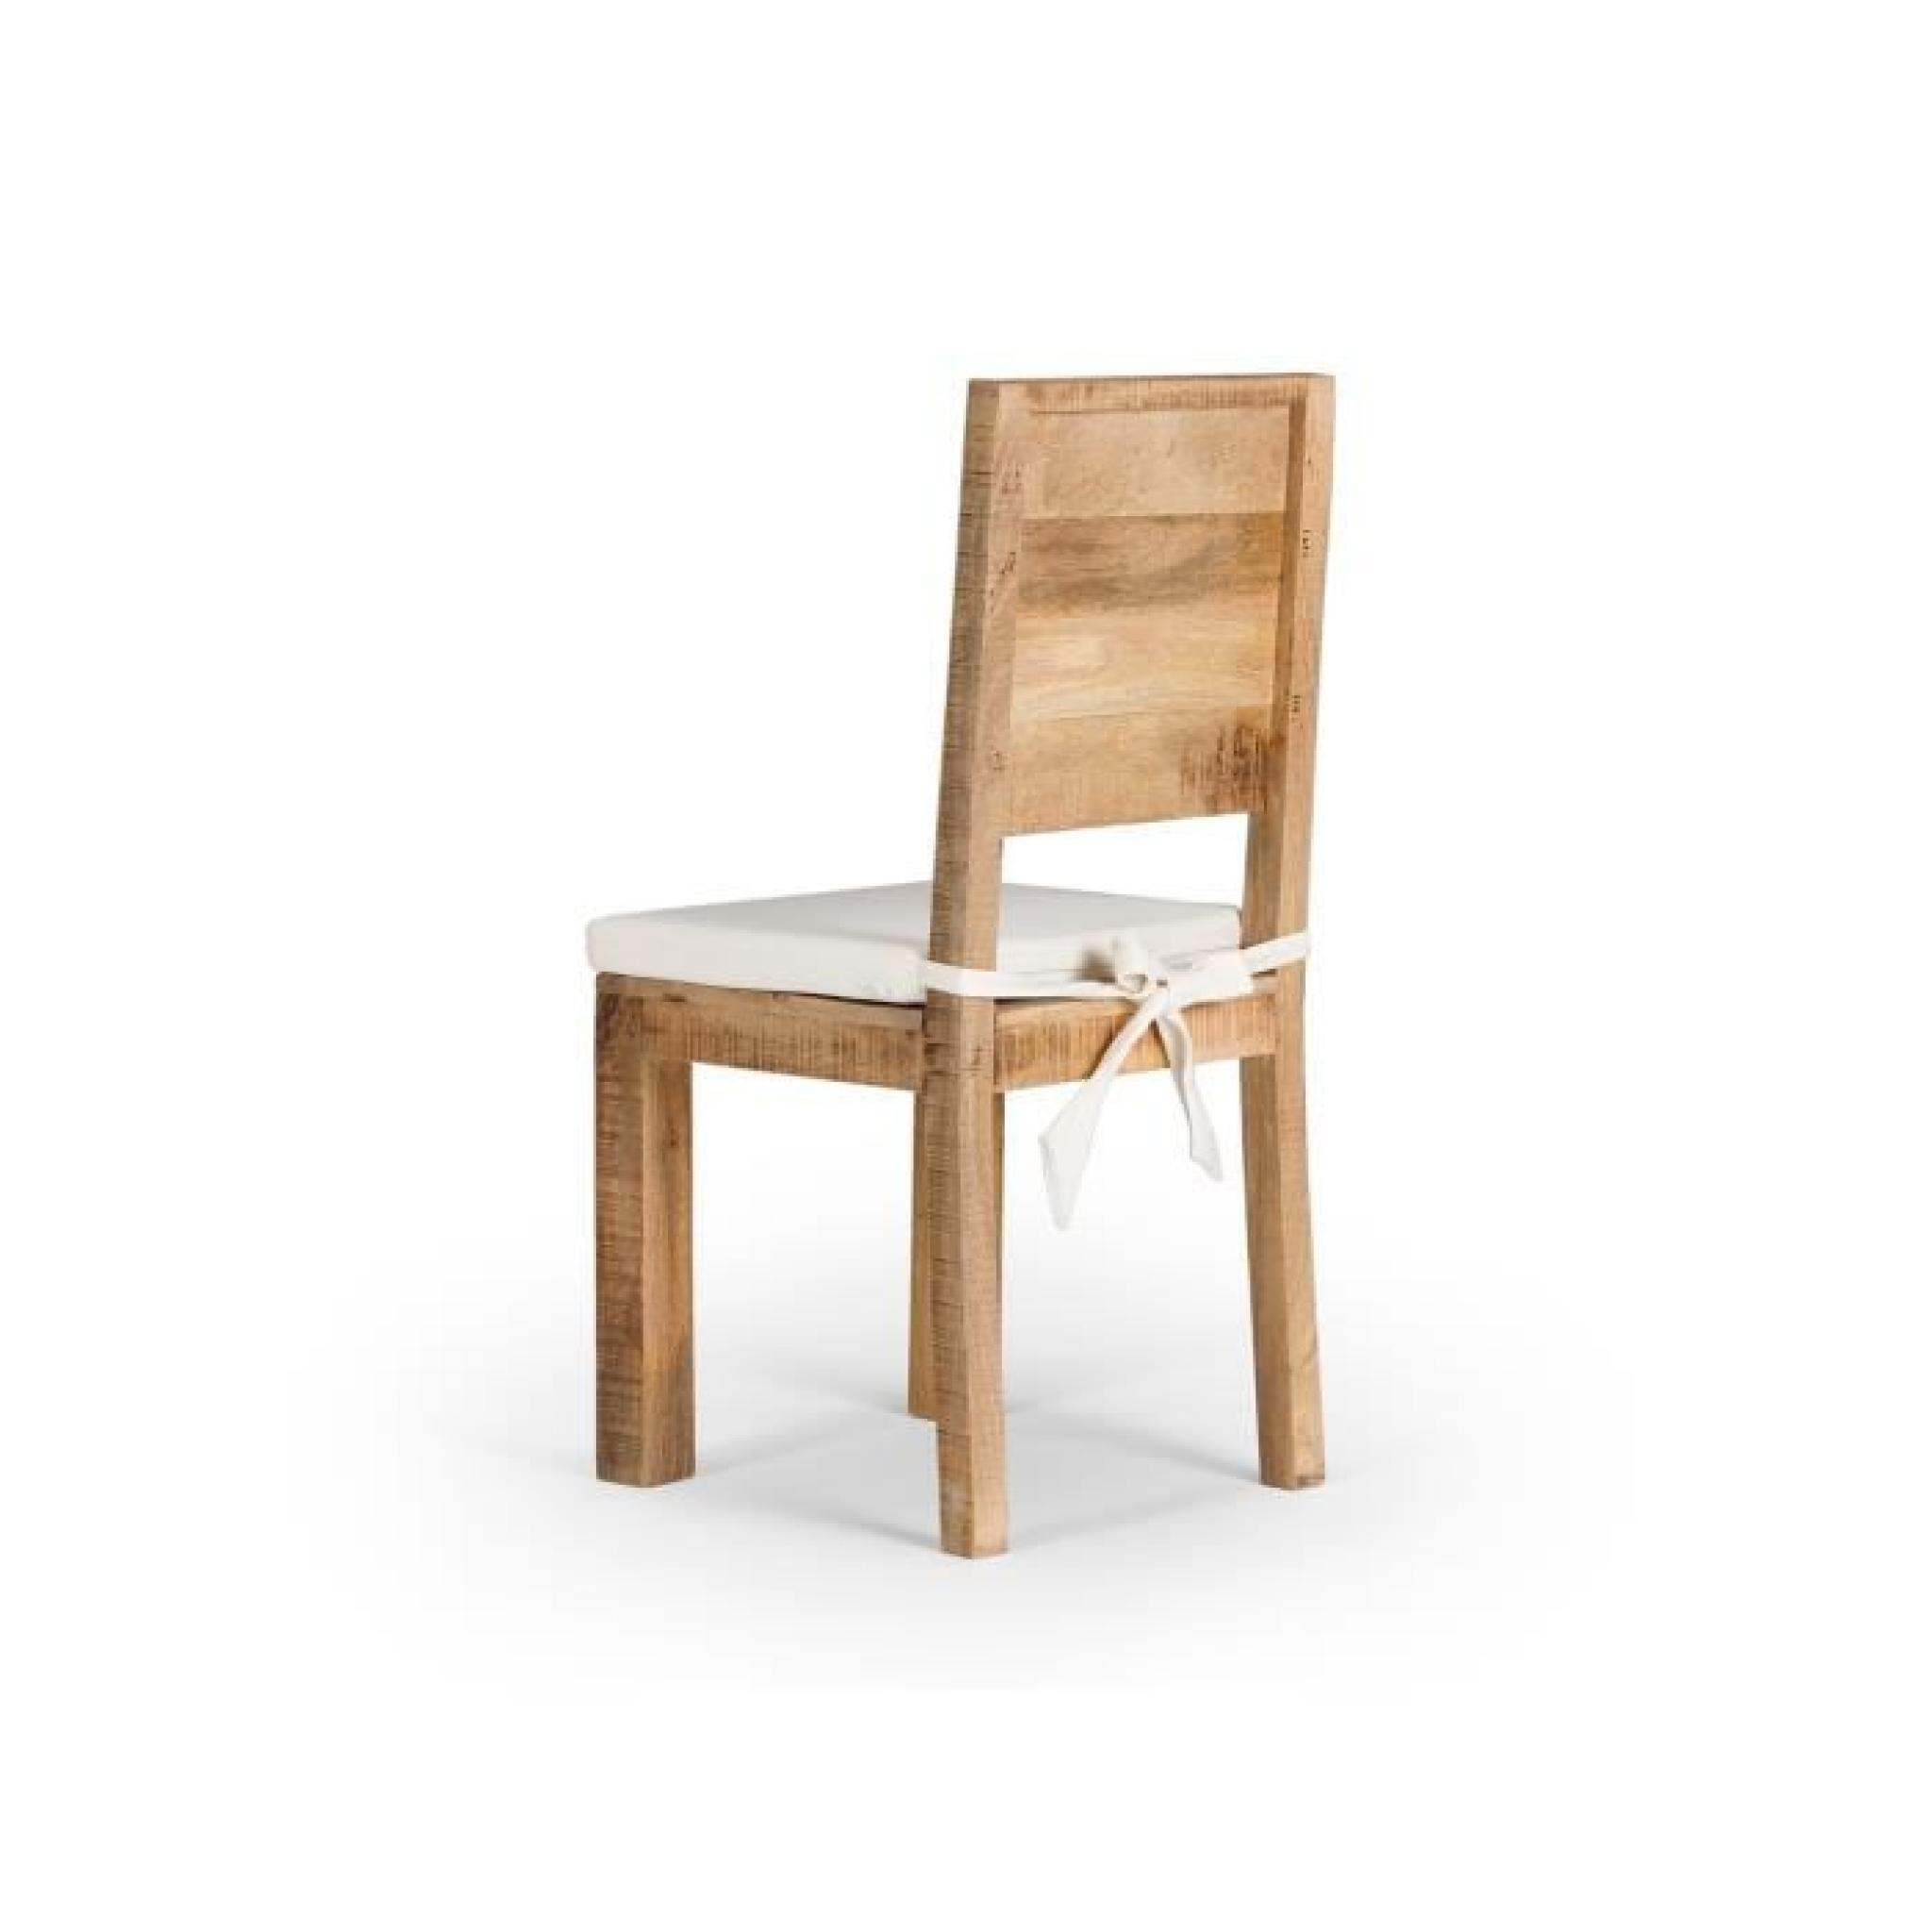 Chaise chennai en bois de manguier massif achat vente chaise salle a manger - Chaises bois pas cher ...